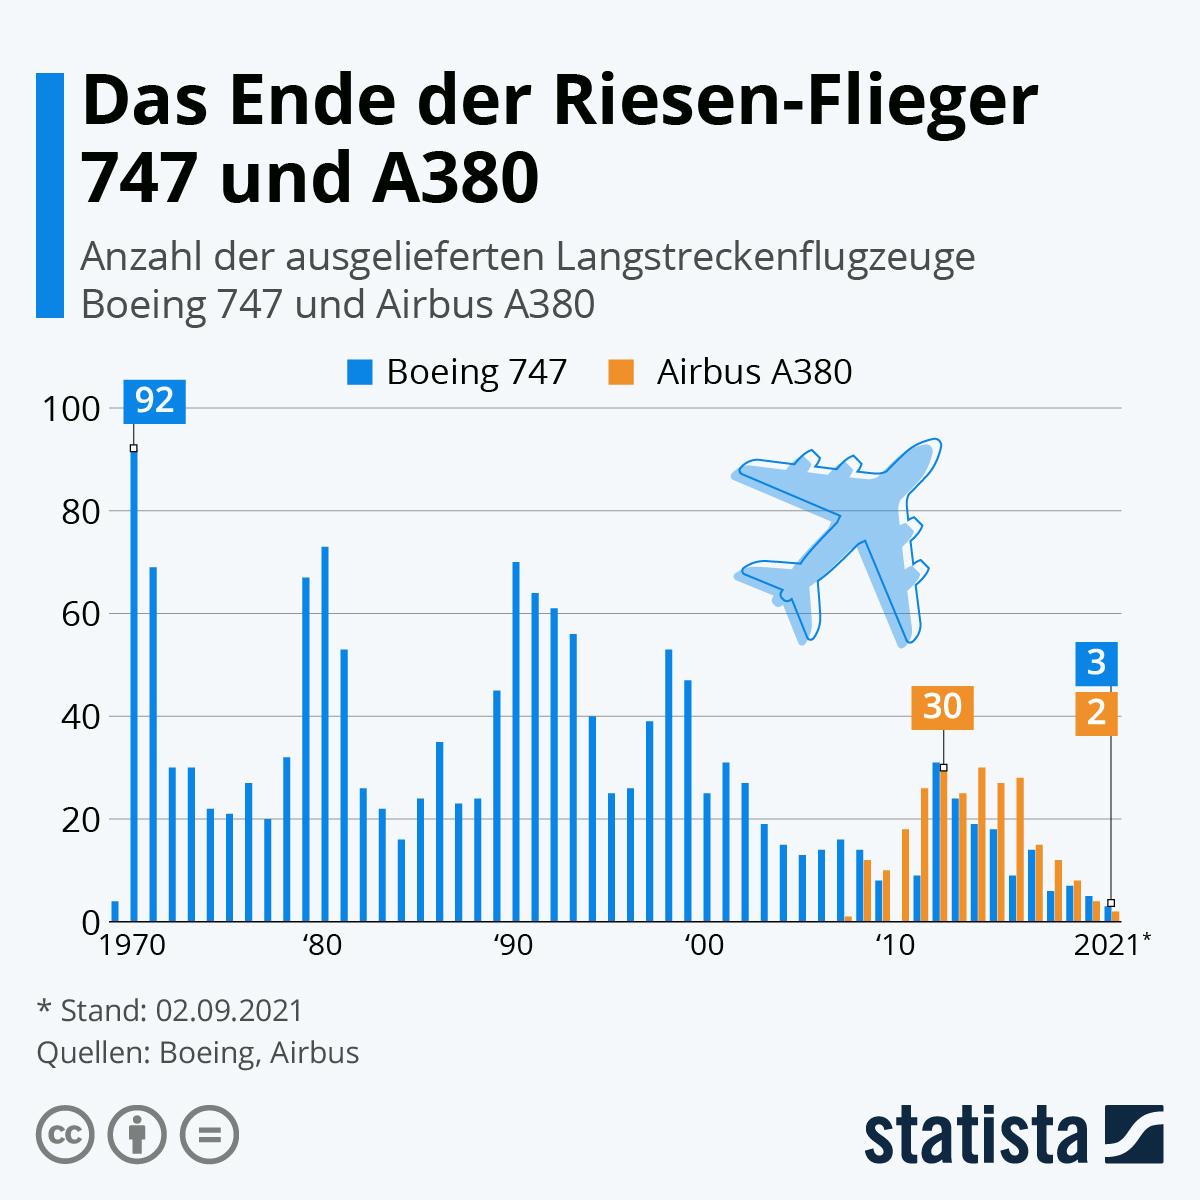 Infografik: Das Ende der Riesen-Flieger 747 und A380 | Statista